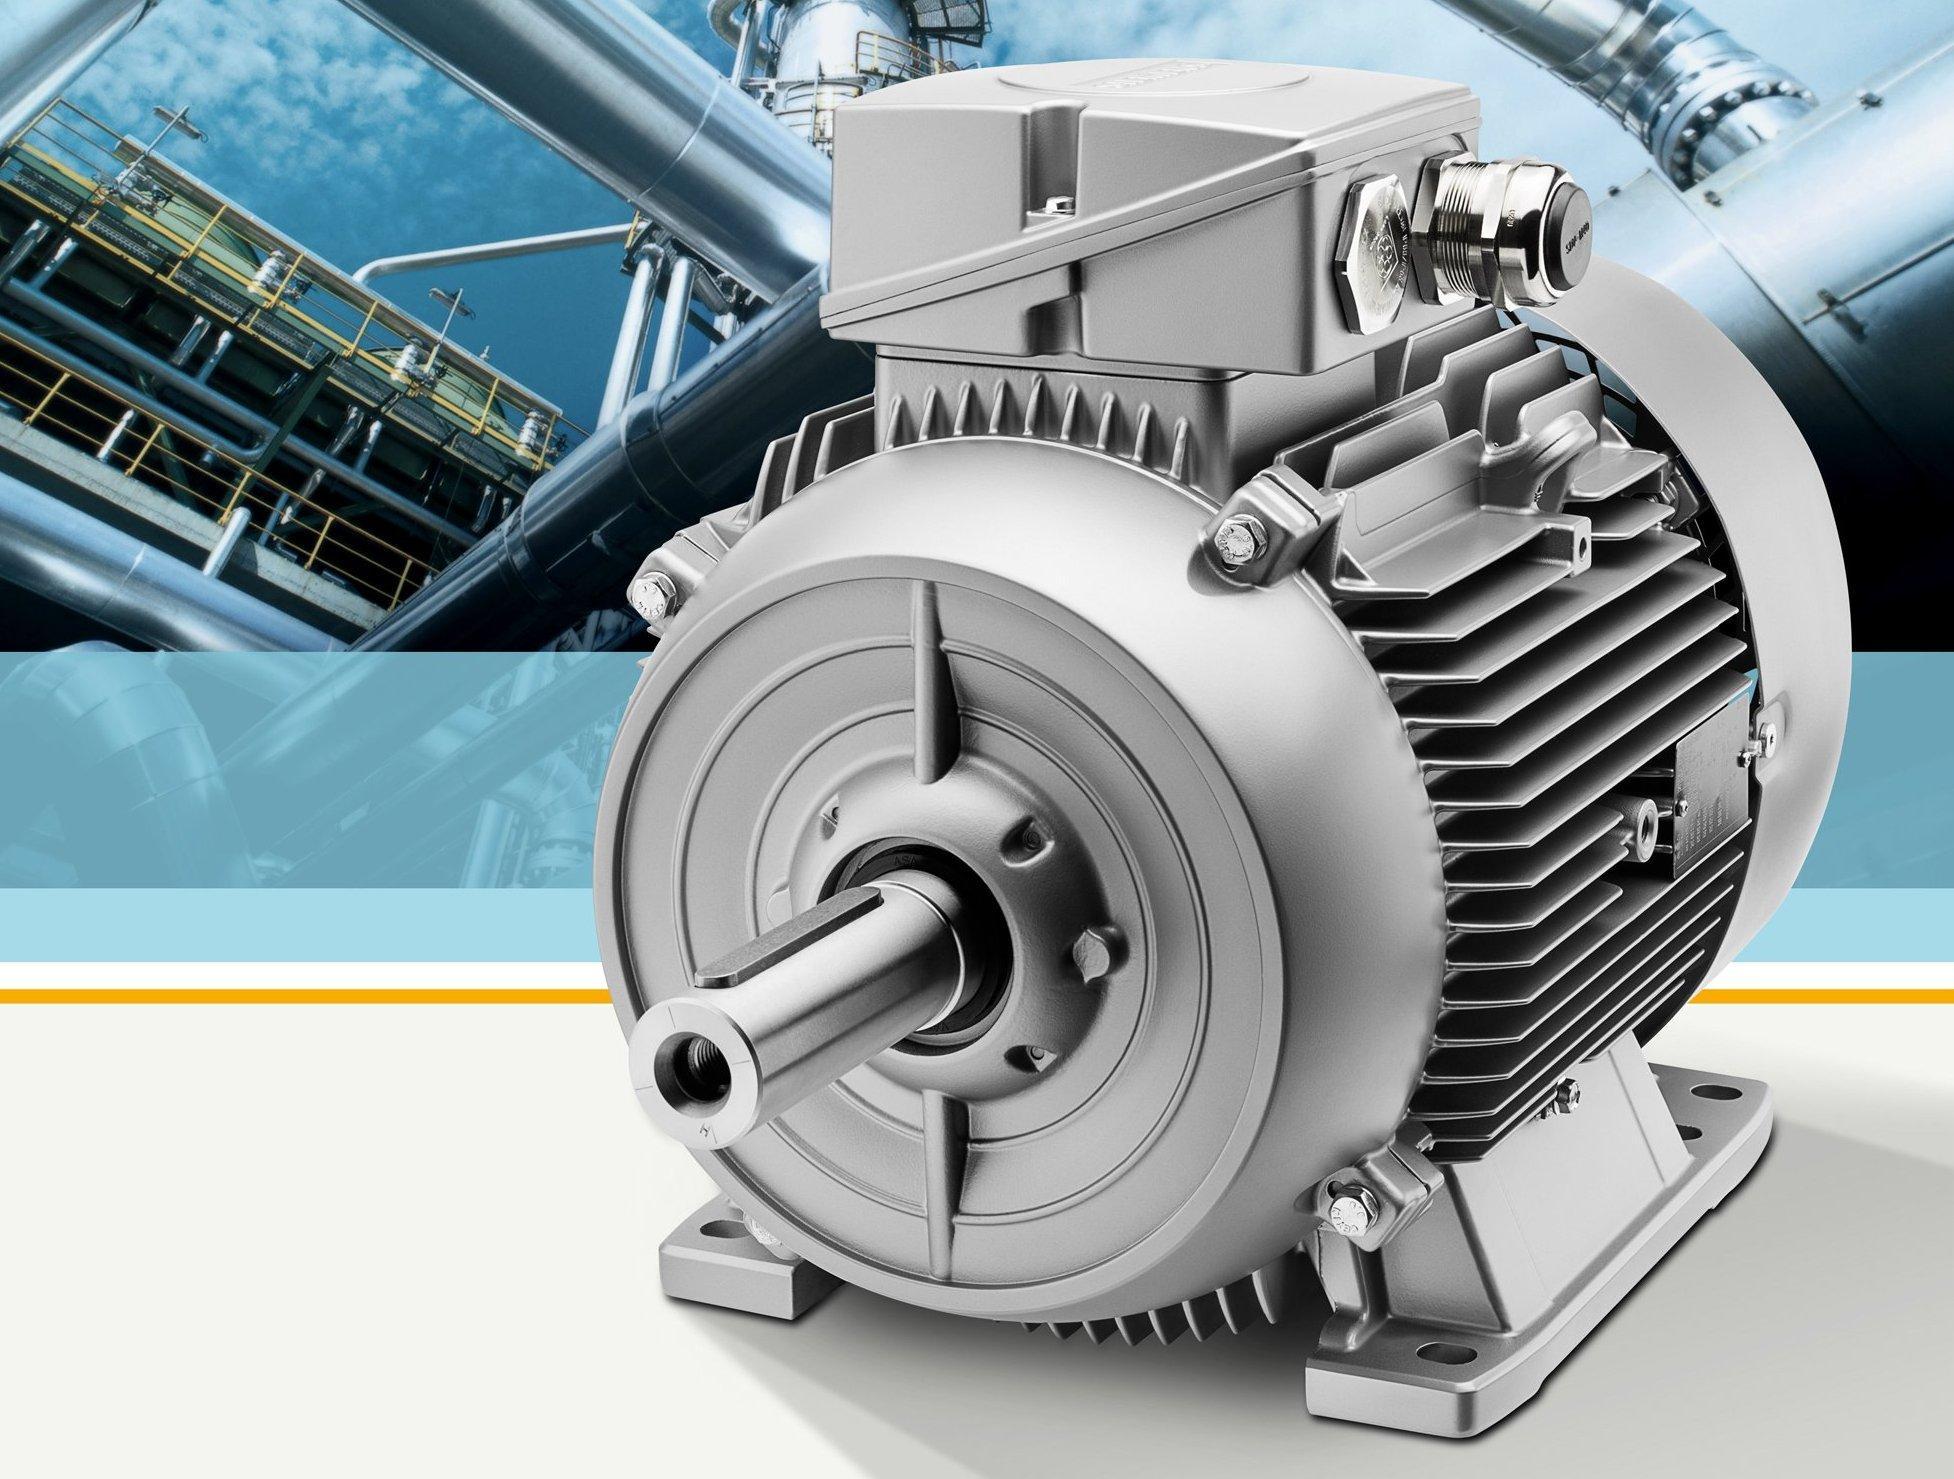 Критерии выбора путей повышения надежности рудничных электродвигателей при ремонте